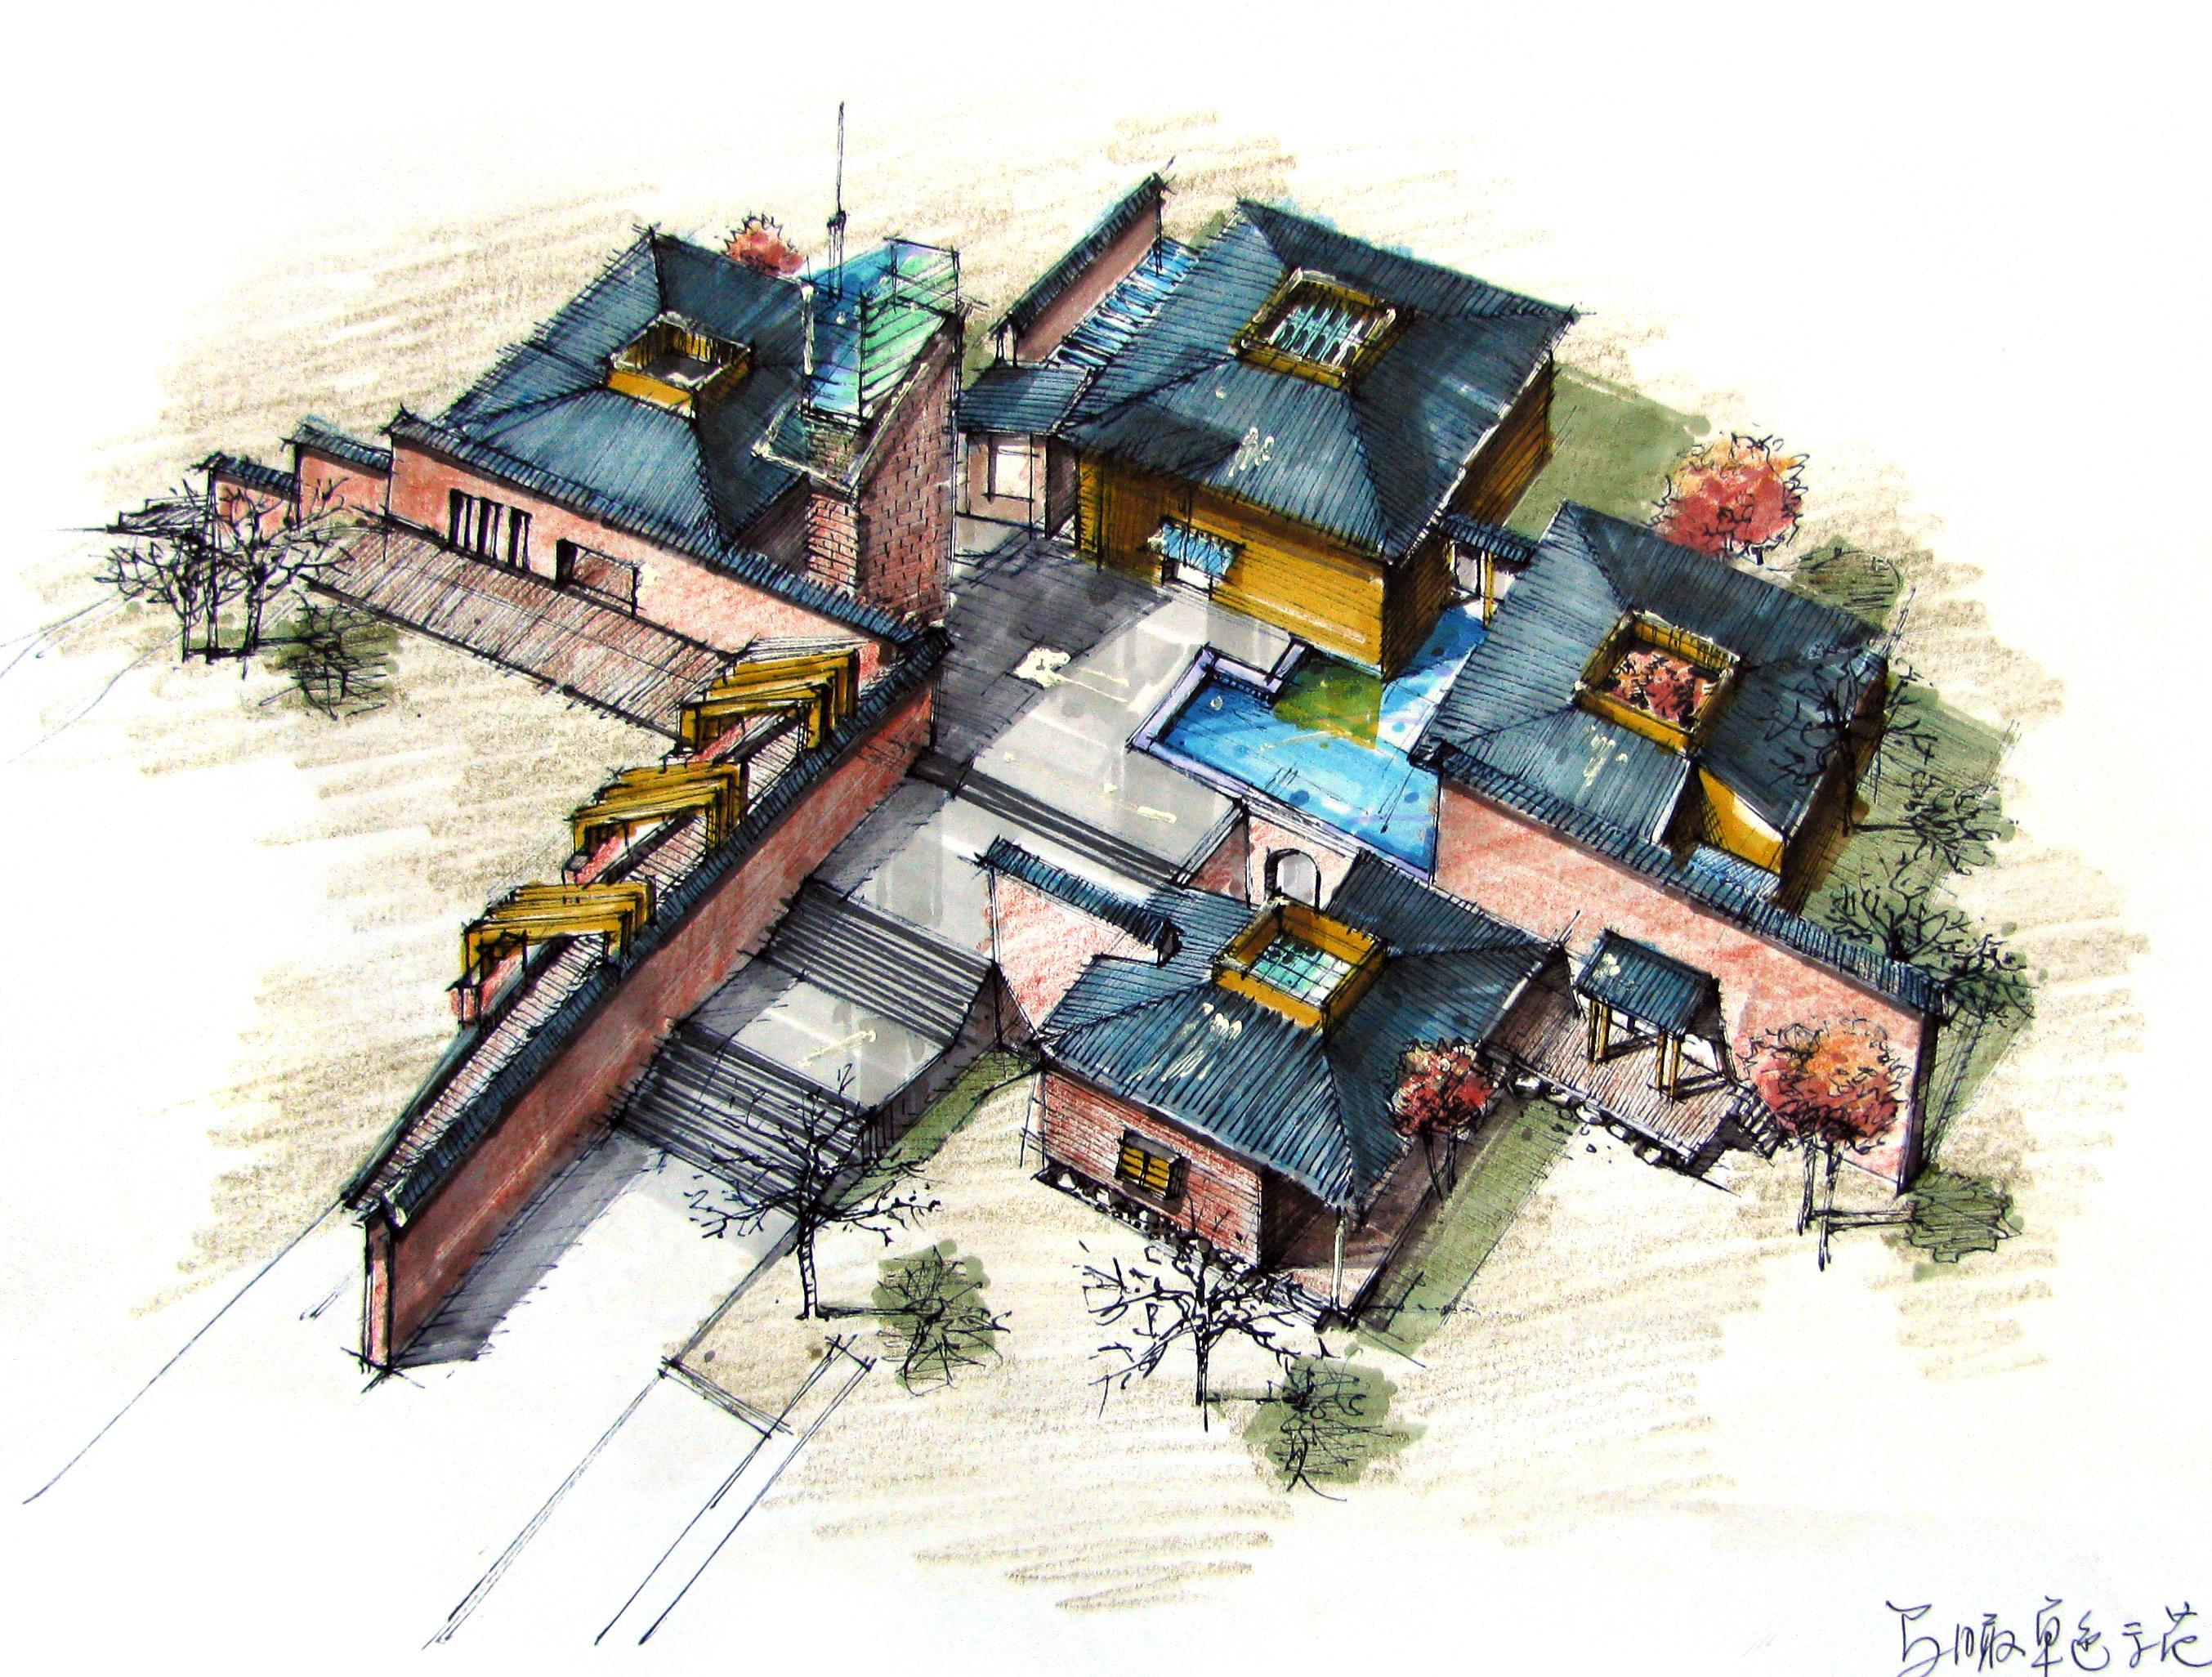 早期建筑手绘表现作品|三维|建筑/空间|whhwsh - 原创